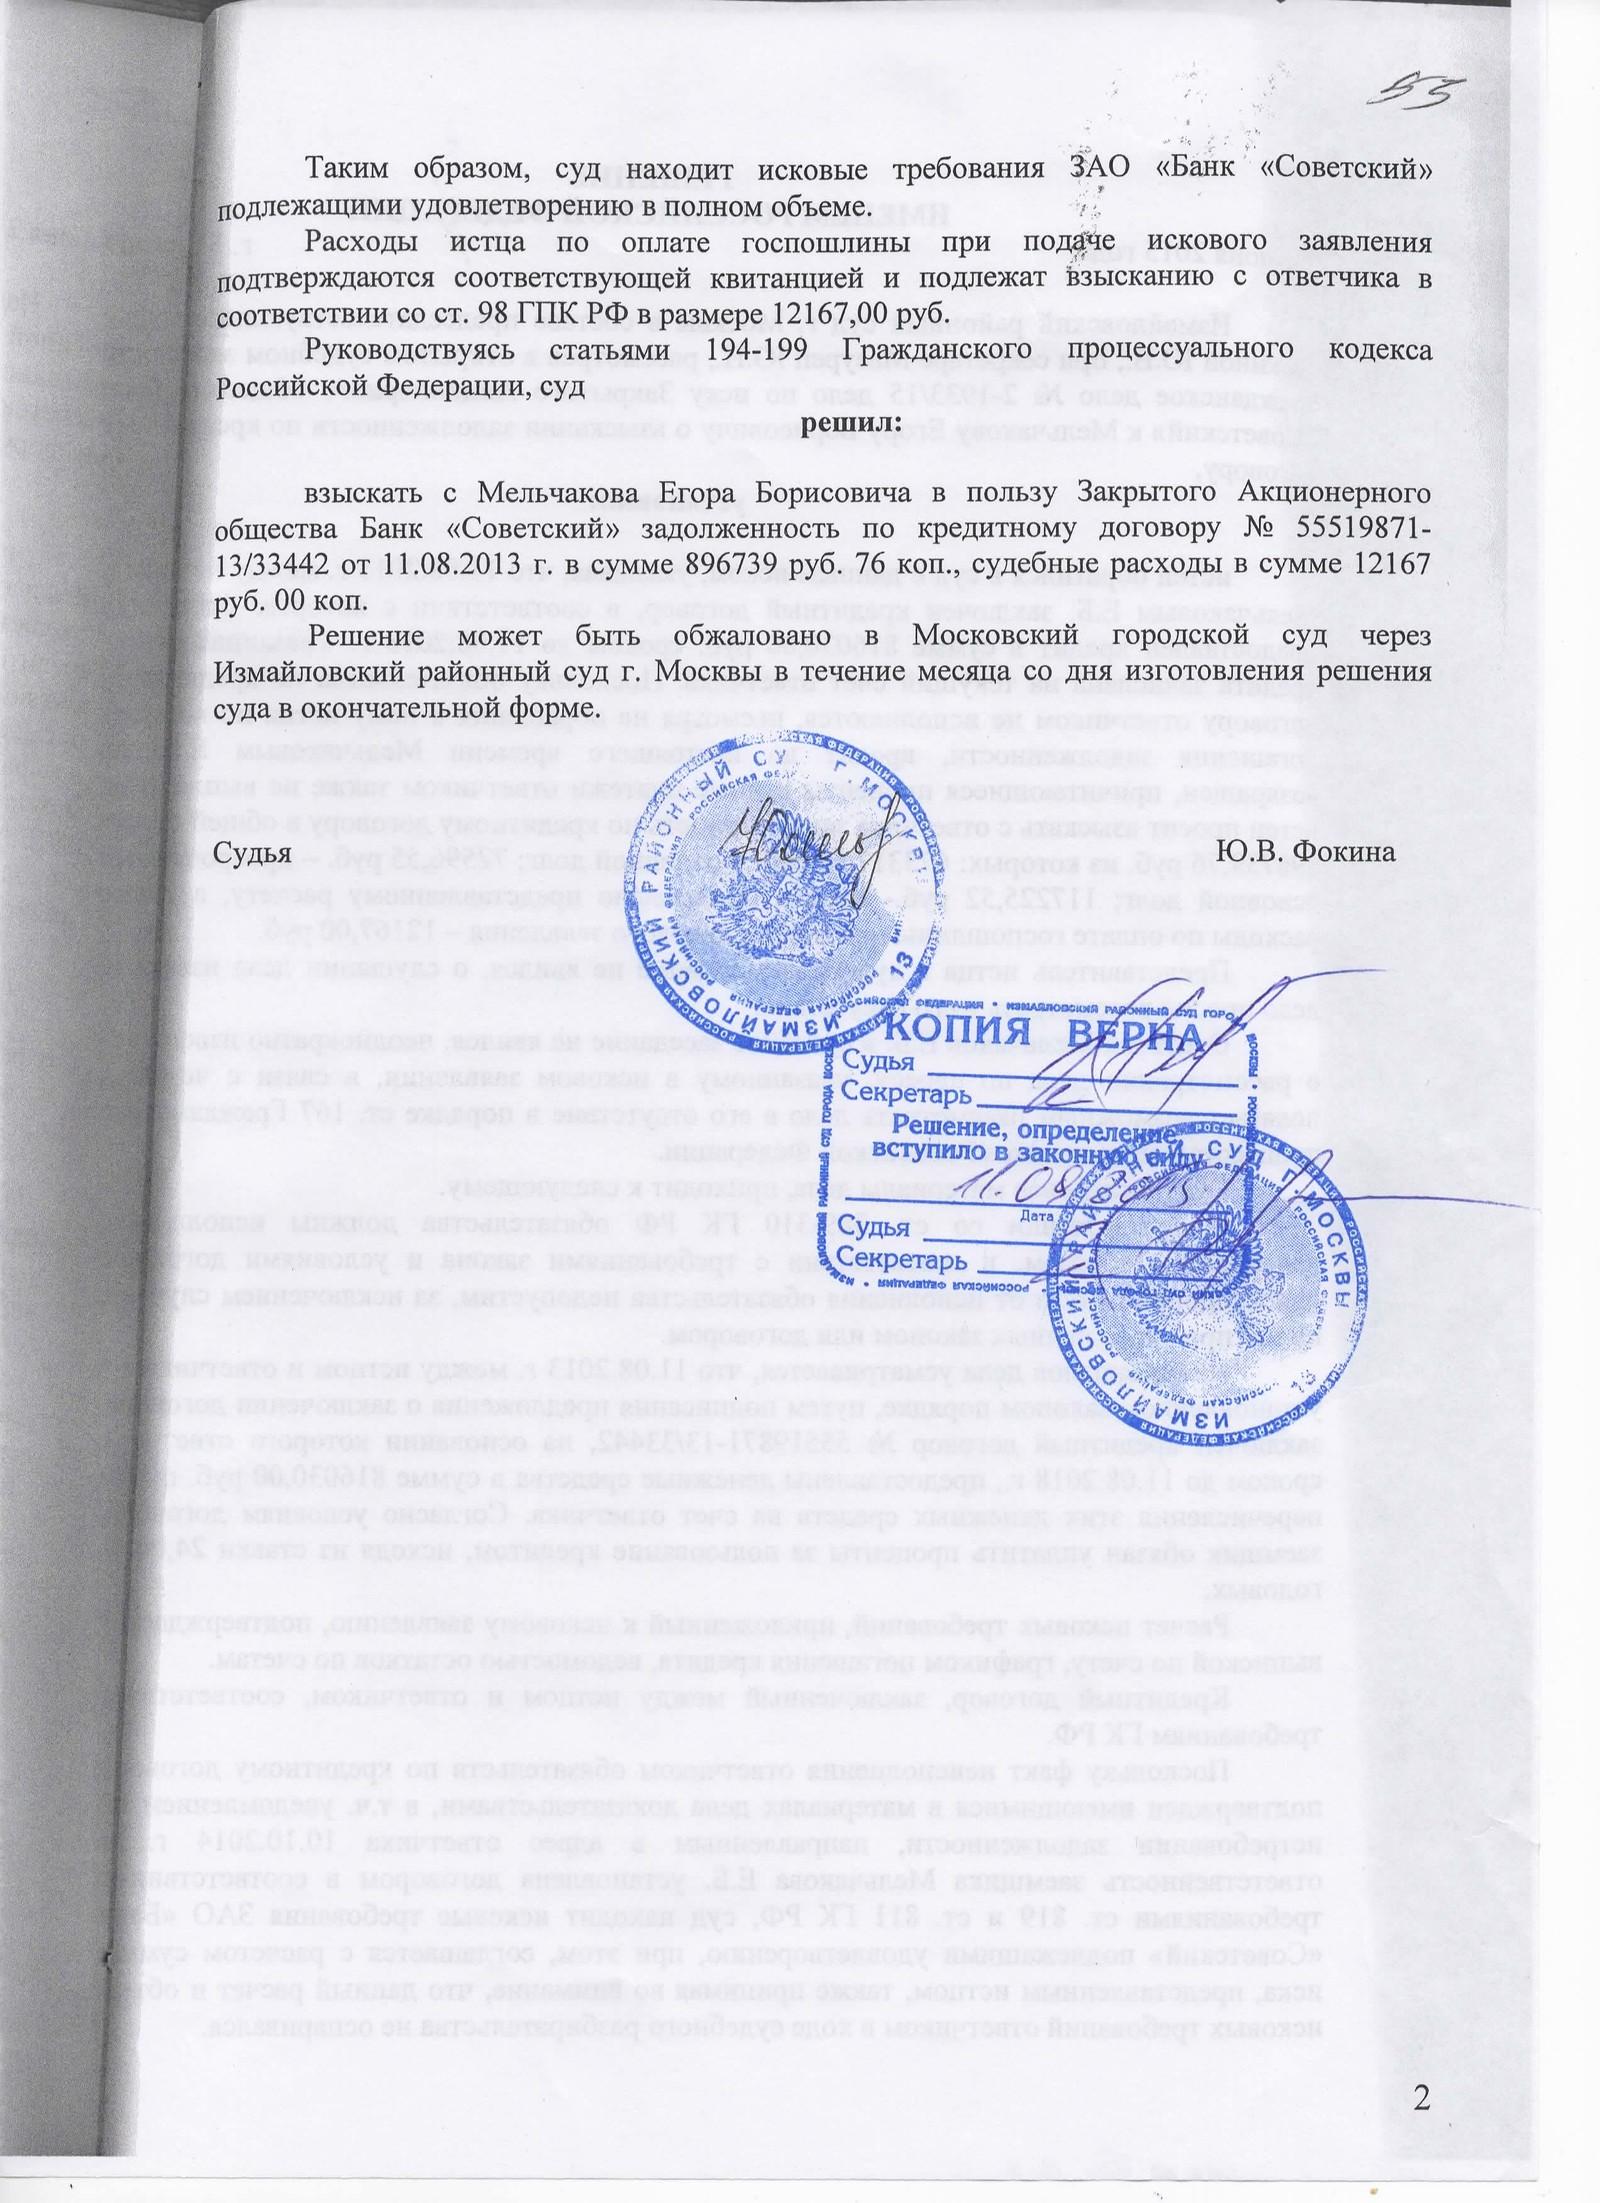 юридическая консультация суд с банком